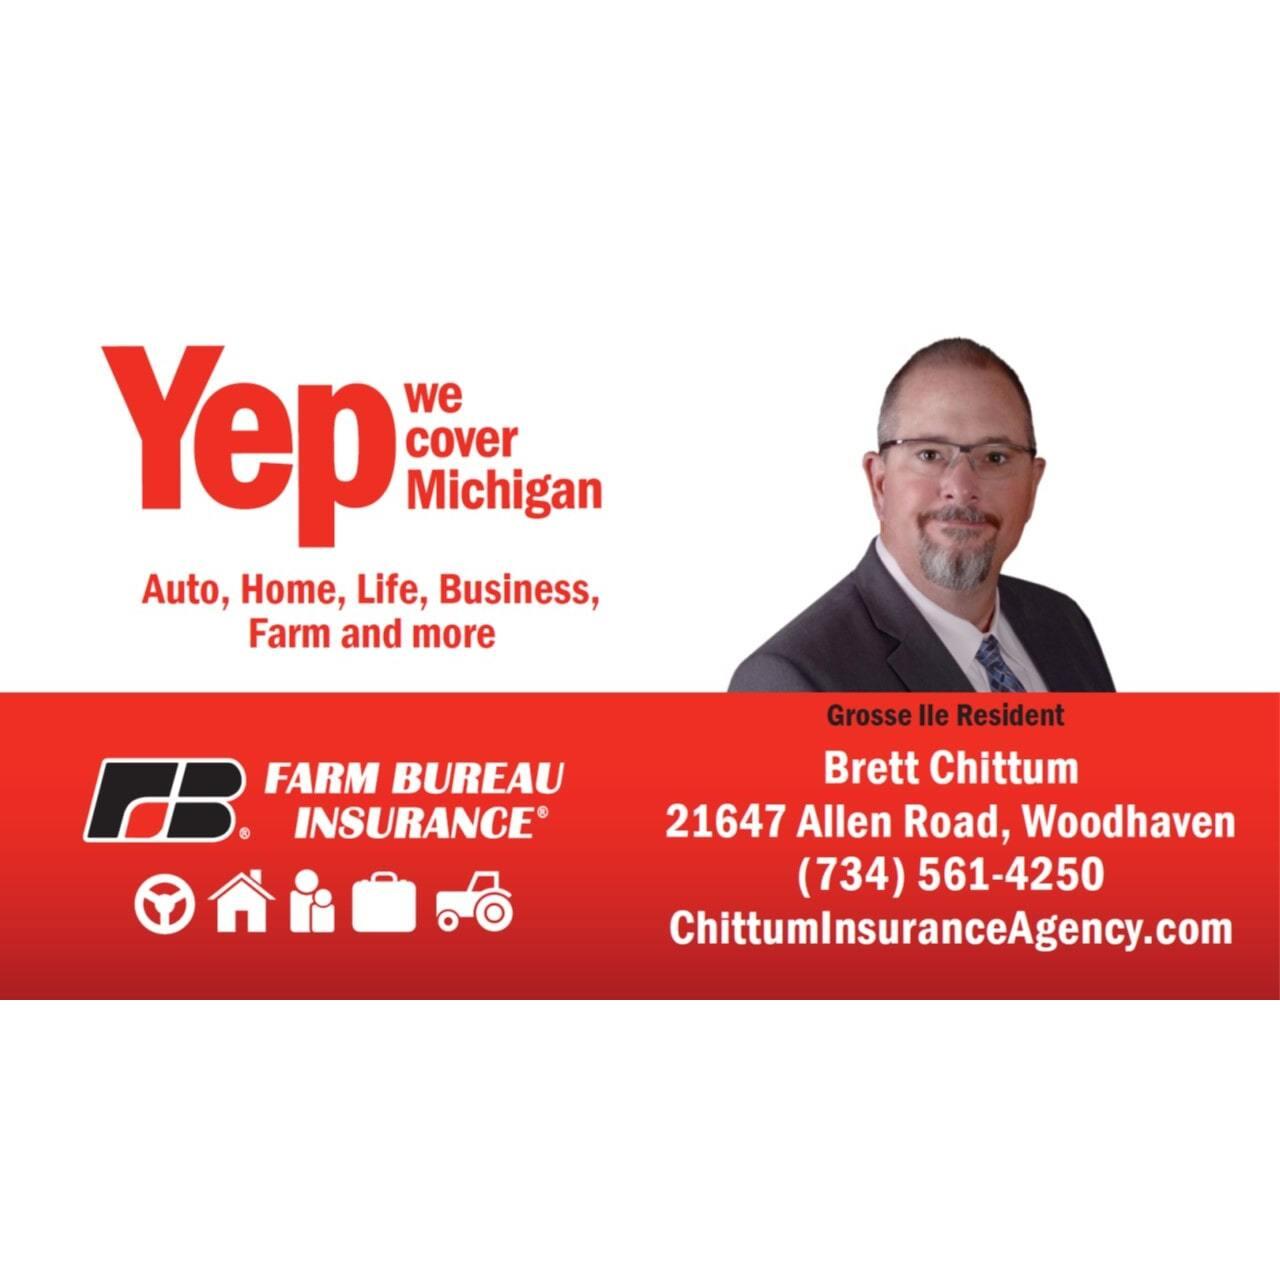 Chittum Insurance Agency - Farm Bureau